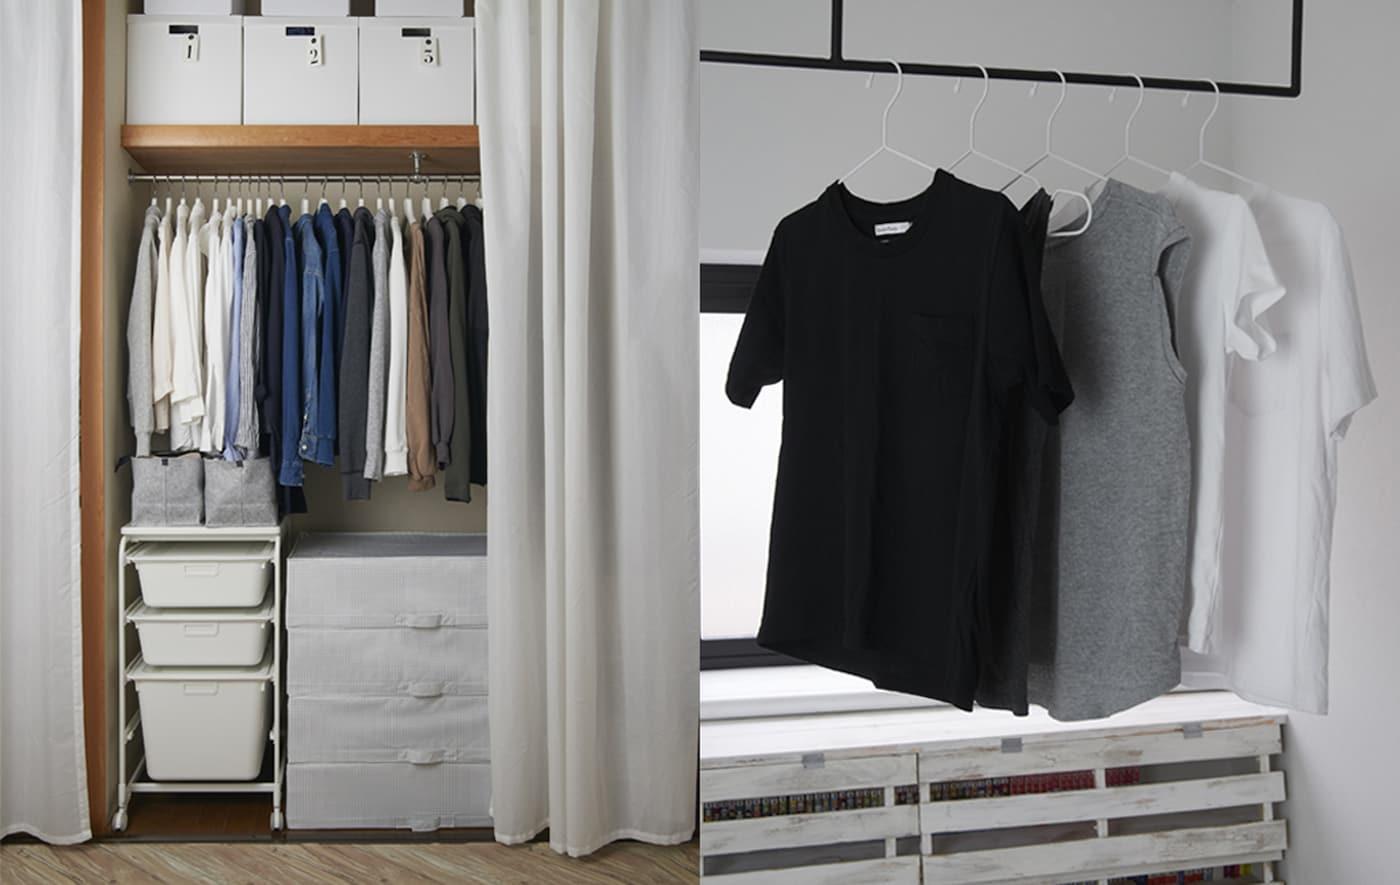 Un guardaroba a giorno in un angolo con bastoni appendiabiti, mensole, scatole e alcune magliette appese davanti alla finestra - IKEA